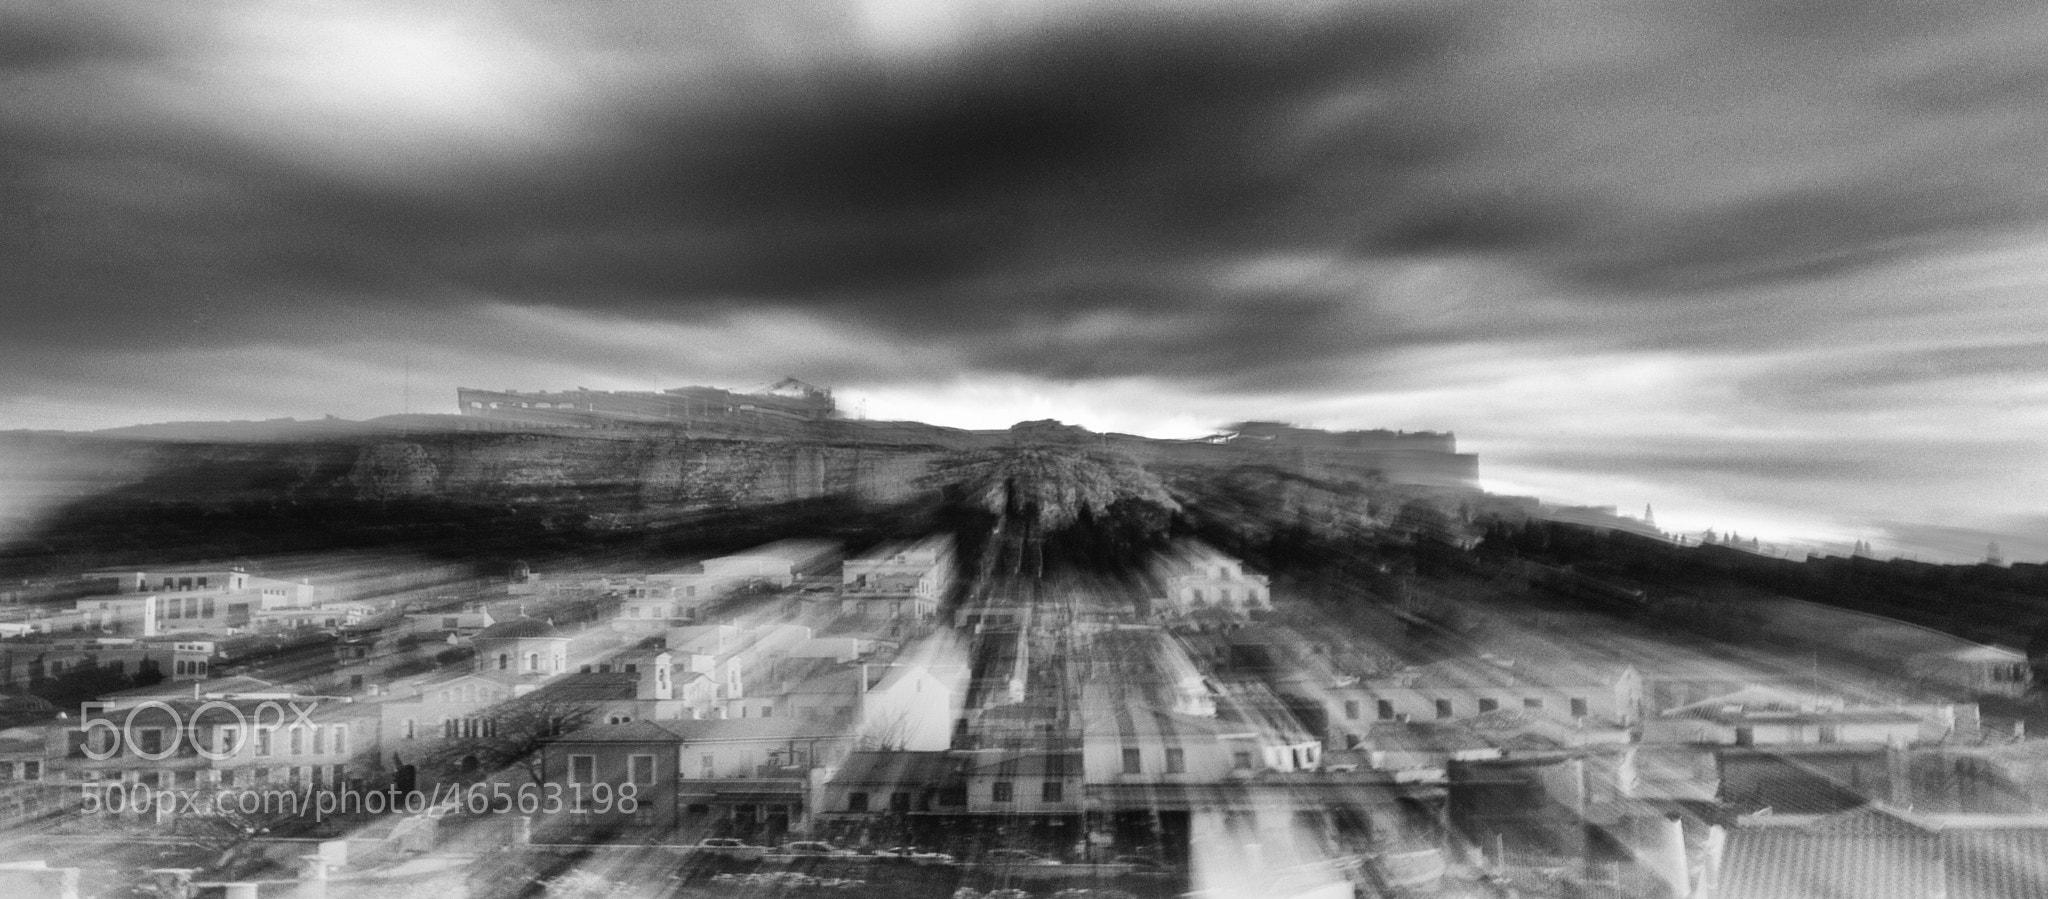 Photograph Acropolis by Chris Leontarakis on 500px